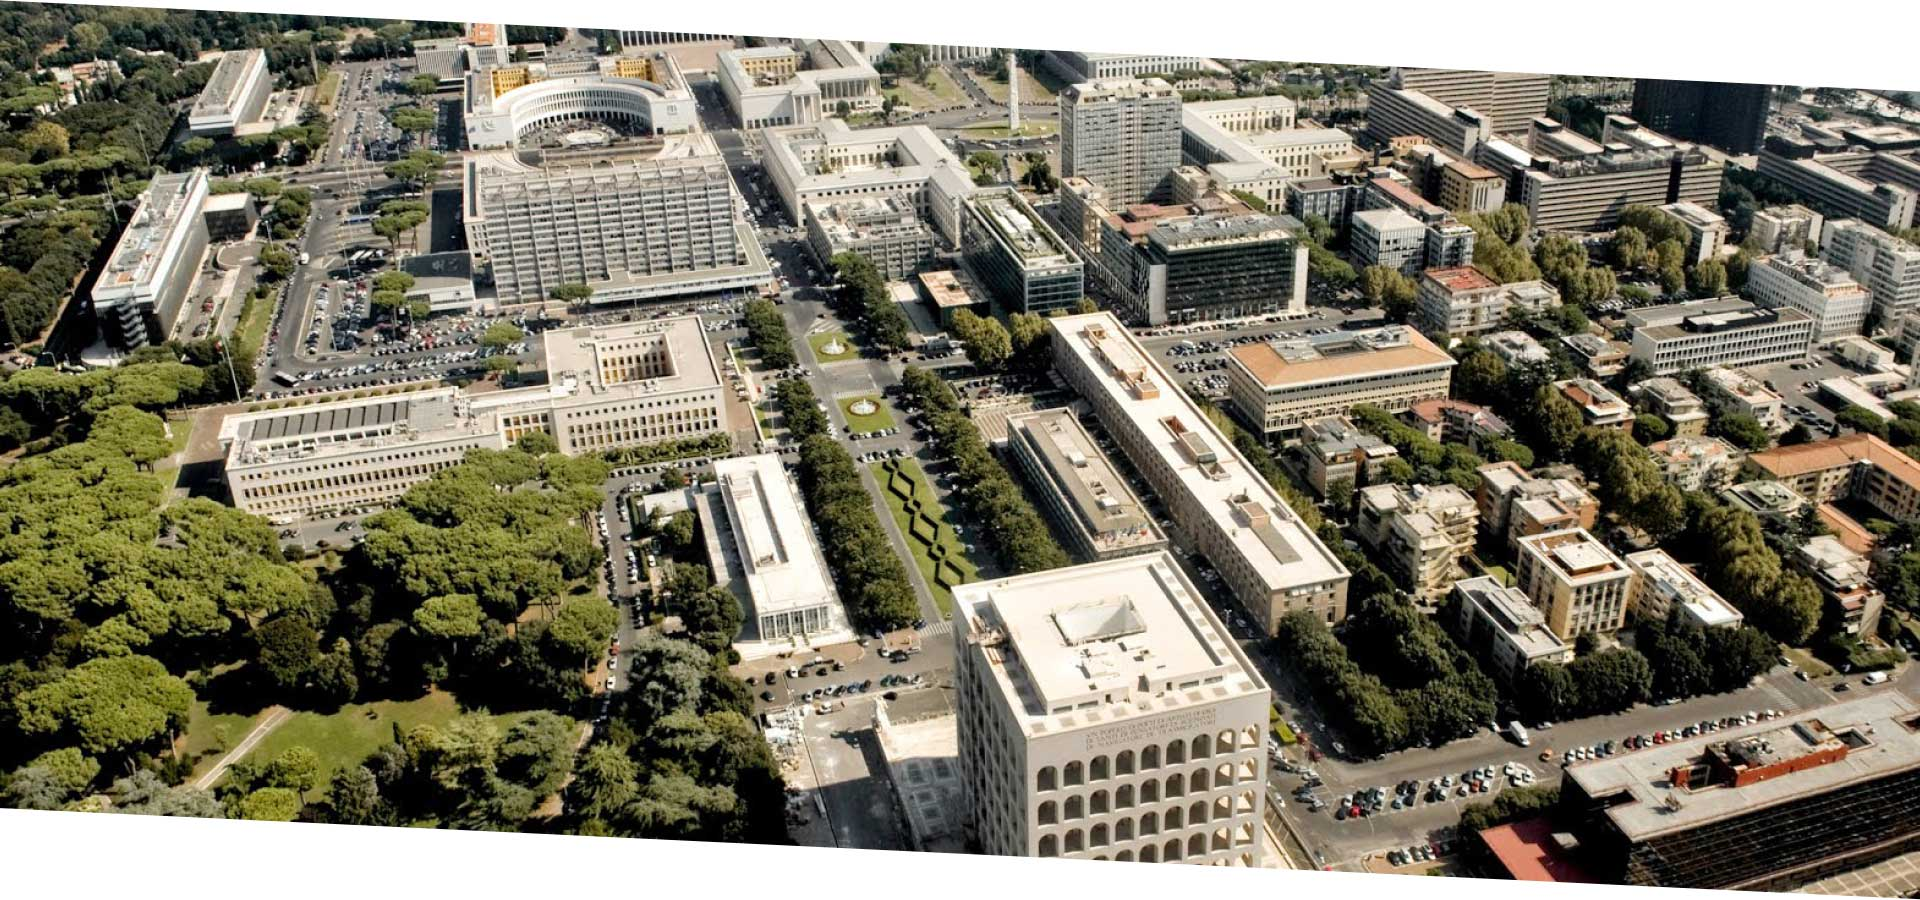 L'Eur è uno dei quartieri a più alta densità abitativa della capitale